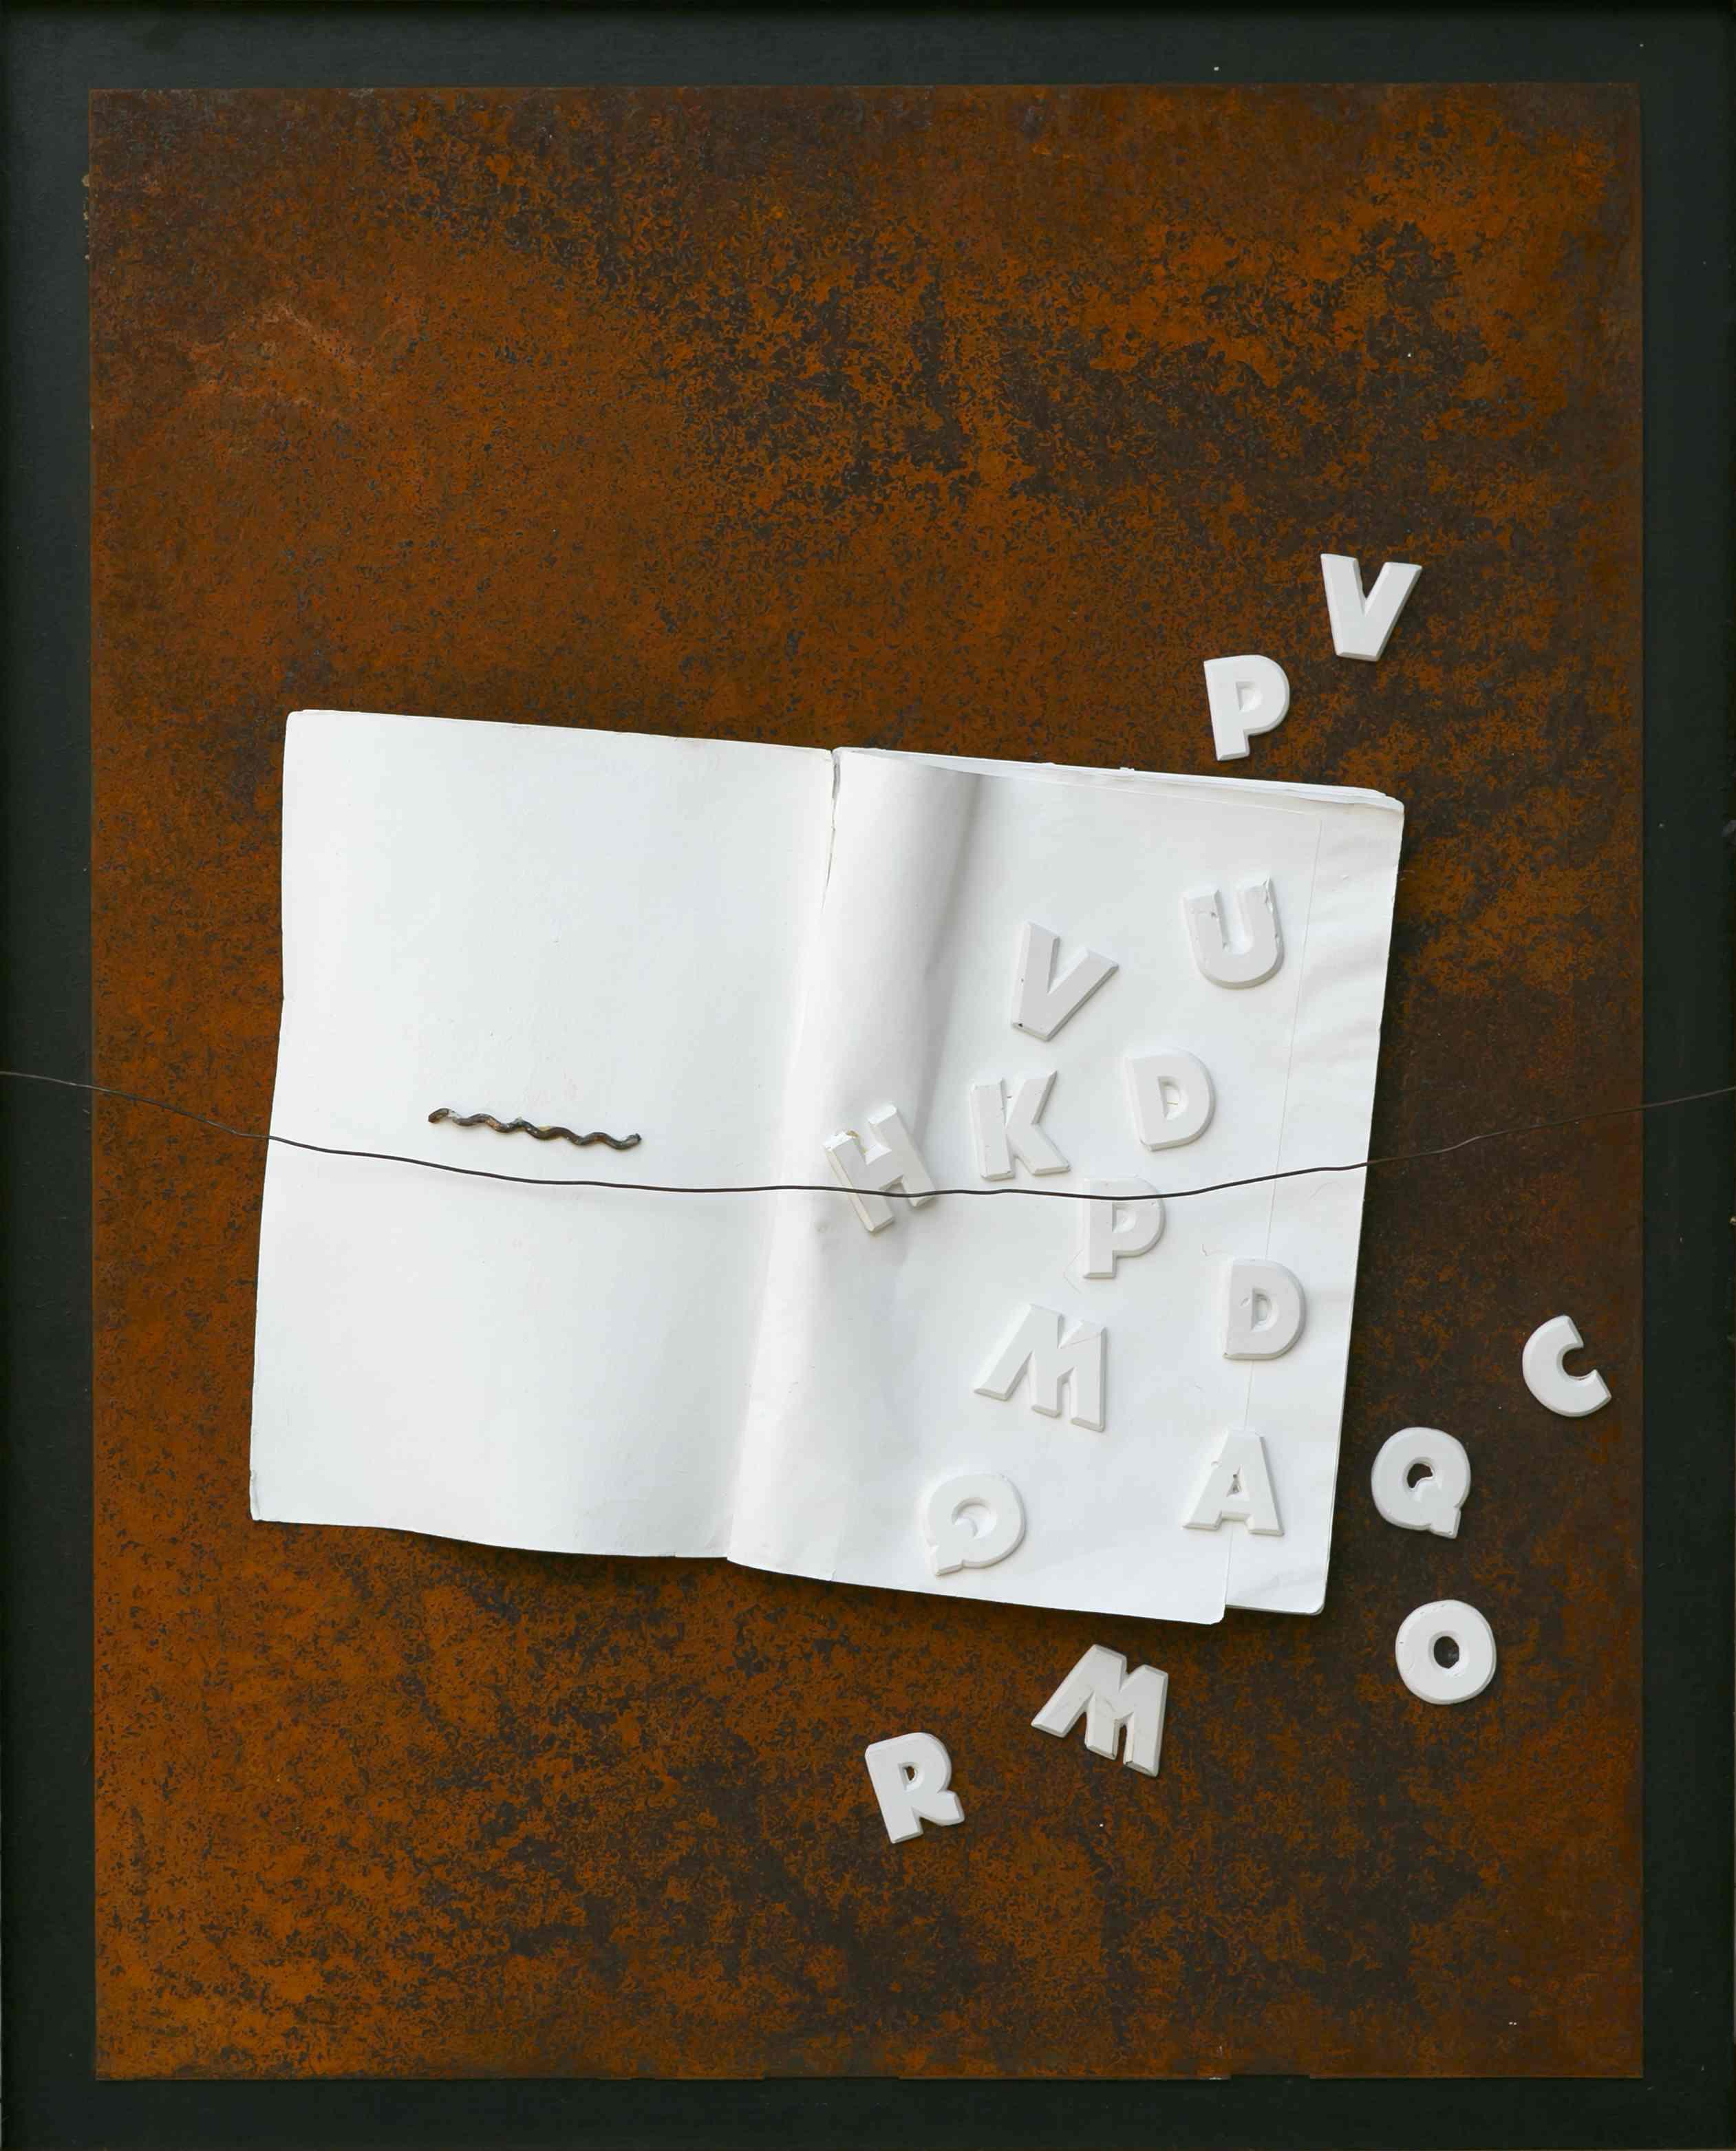 Lettere in libertà, ferro corroso, libro, gesso su tavola, 70x50, 2013